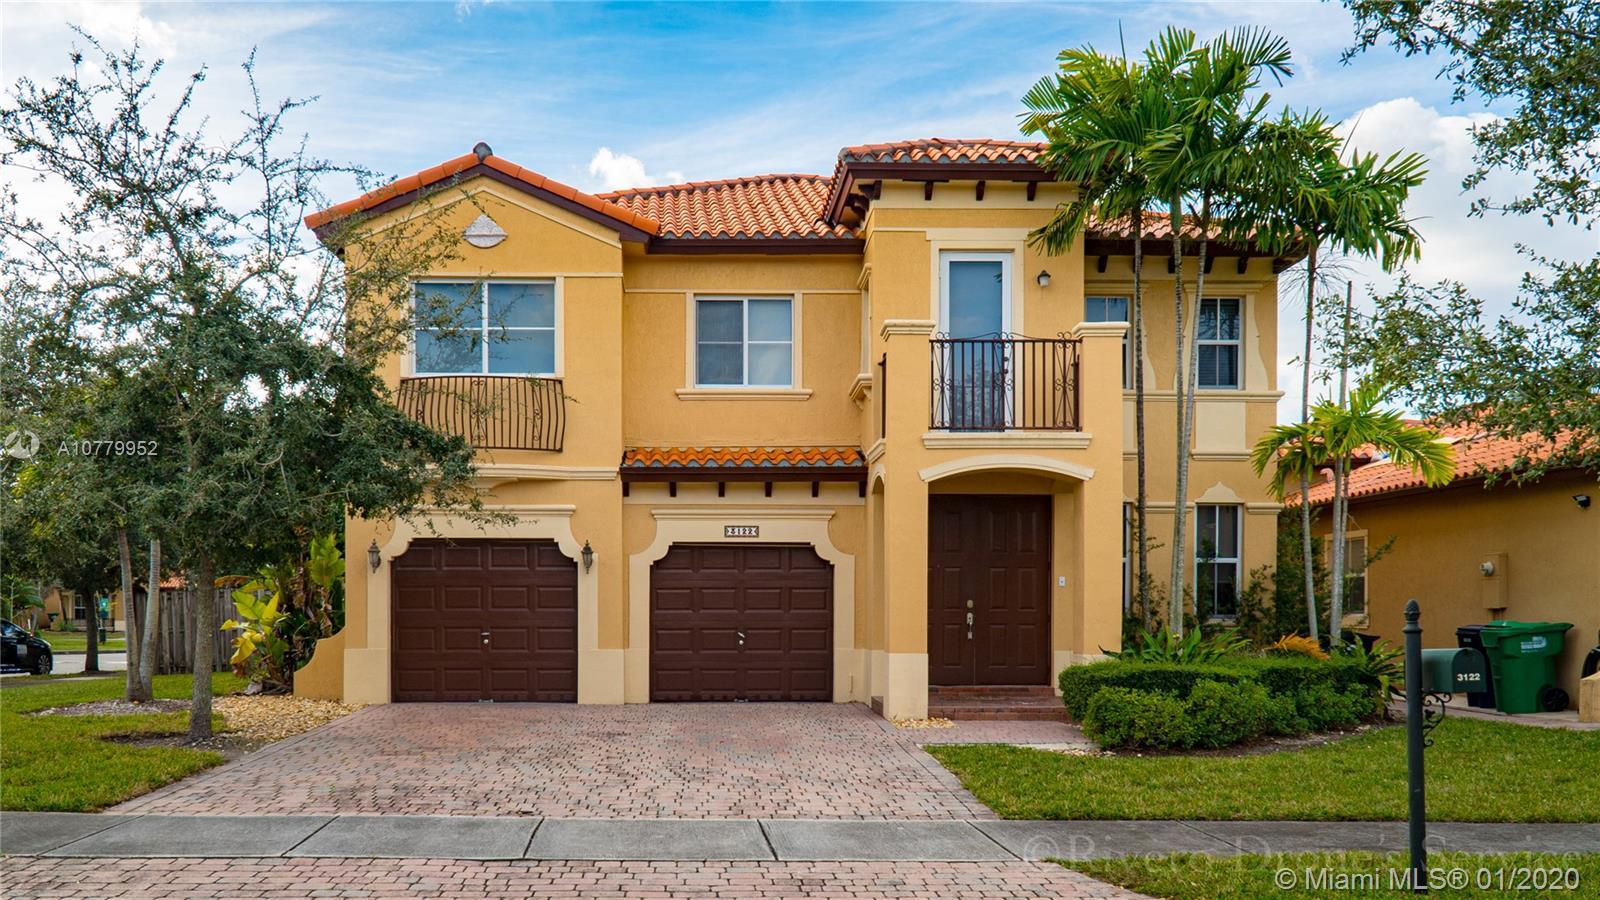 3122 SW 156th Ave, Miami FL 33185